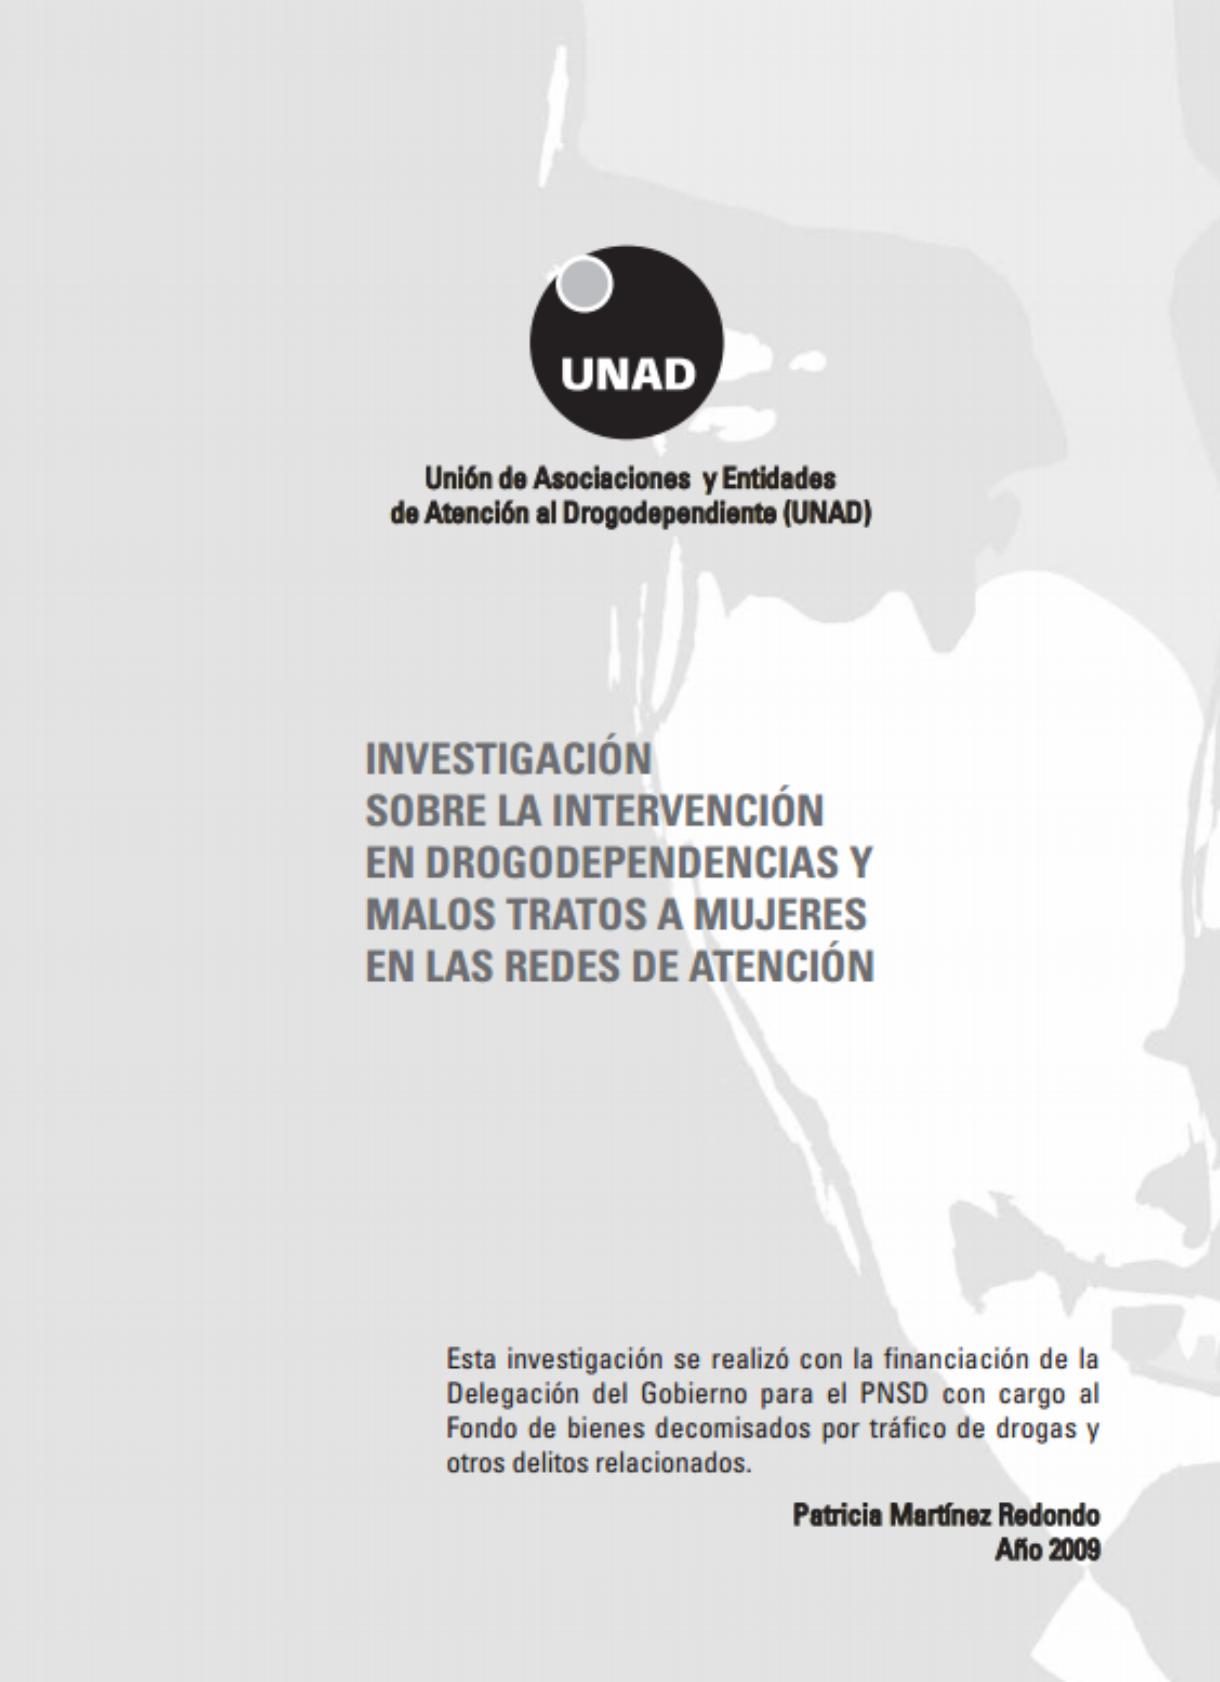 Investigación sobre la intervención en drogodependencias y malos tratos a mujeres en las redes de atención